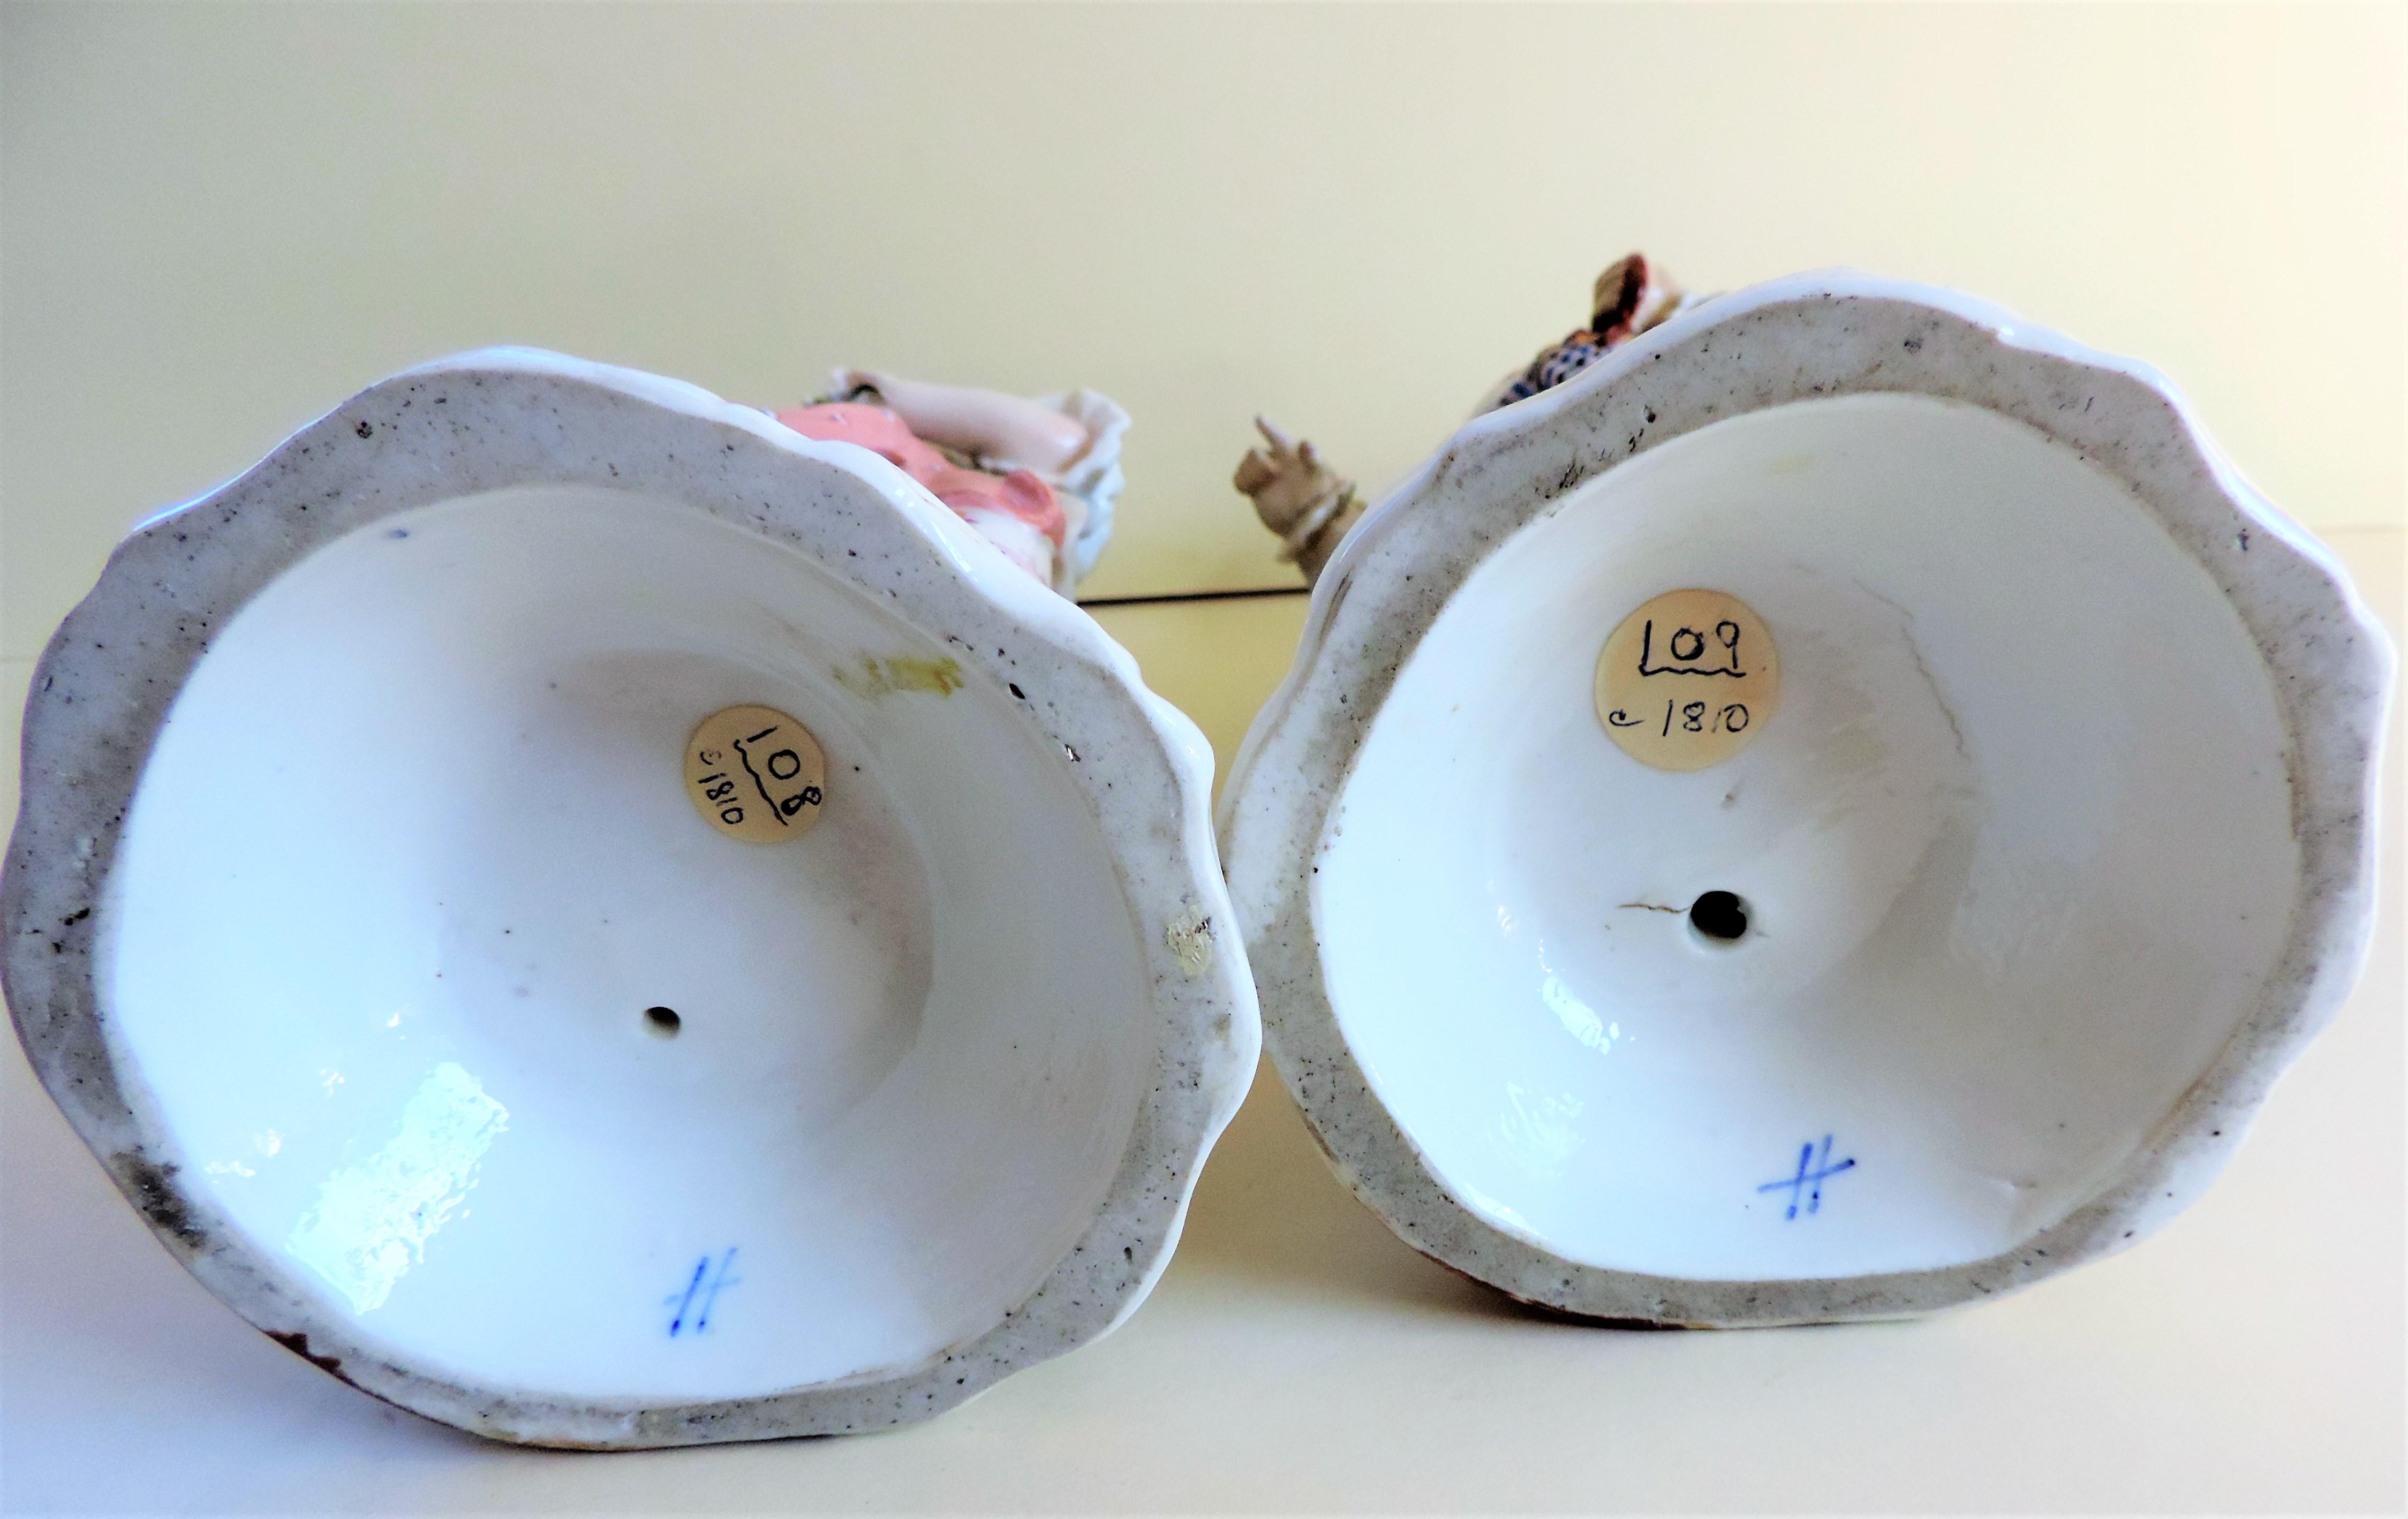 Pair Antique Sitzendorf Porcelain Candlesticks circa 1810 - Image 6 of 10